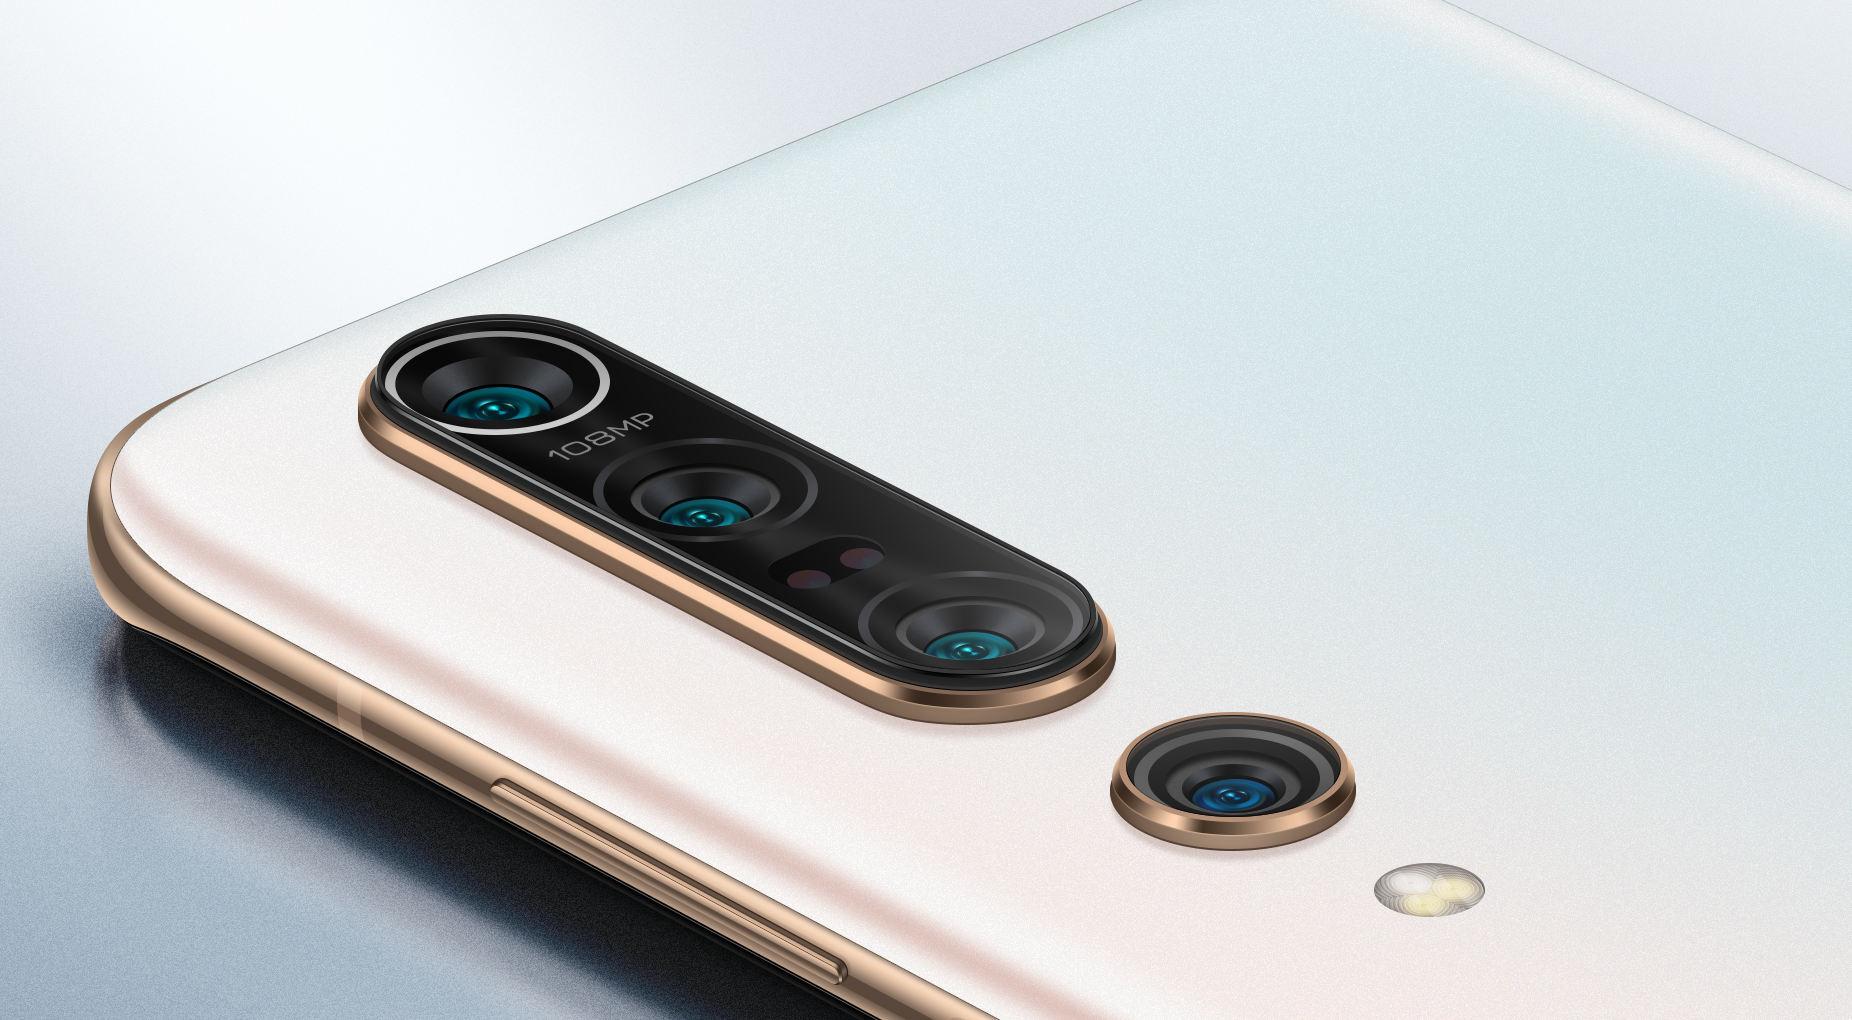 Названа дата анонса нового флагманского смартфона Xiaomi с самой быстрой зарядкой в 2020 году